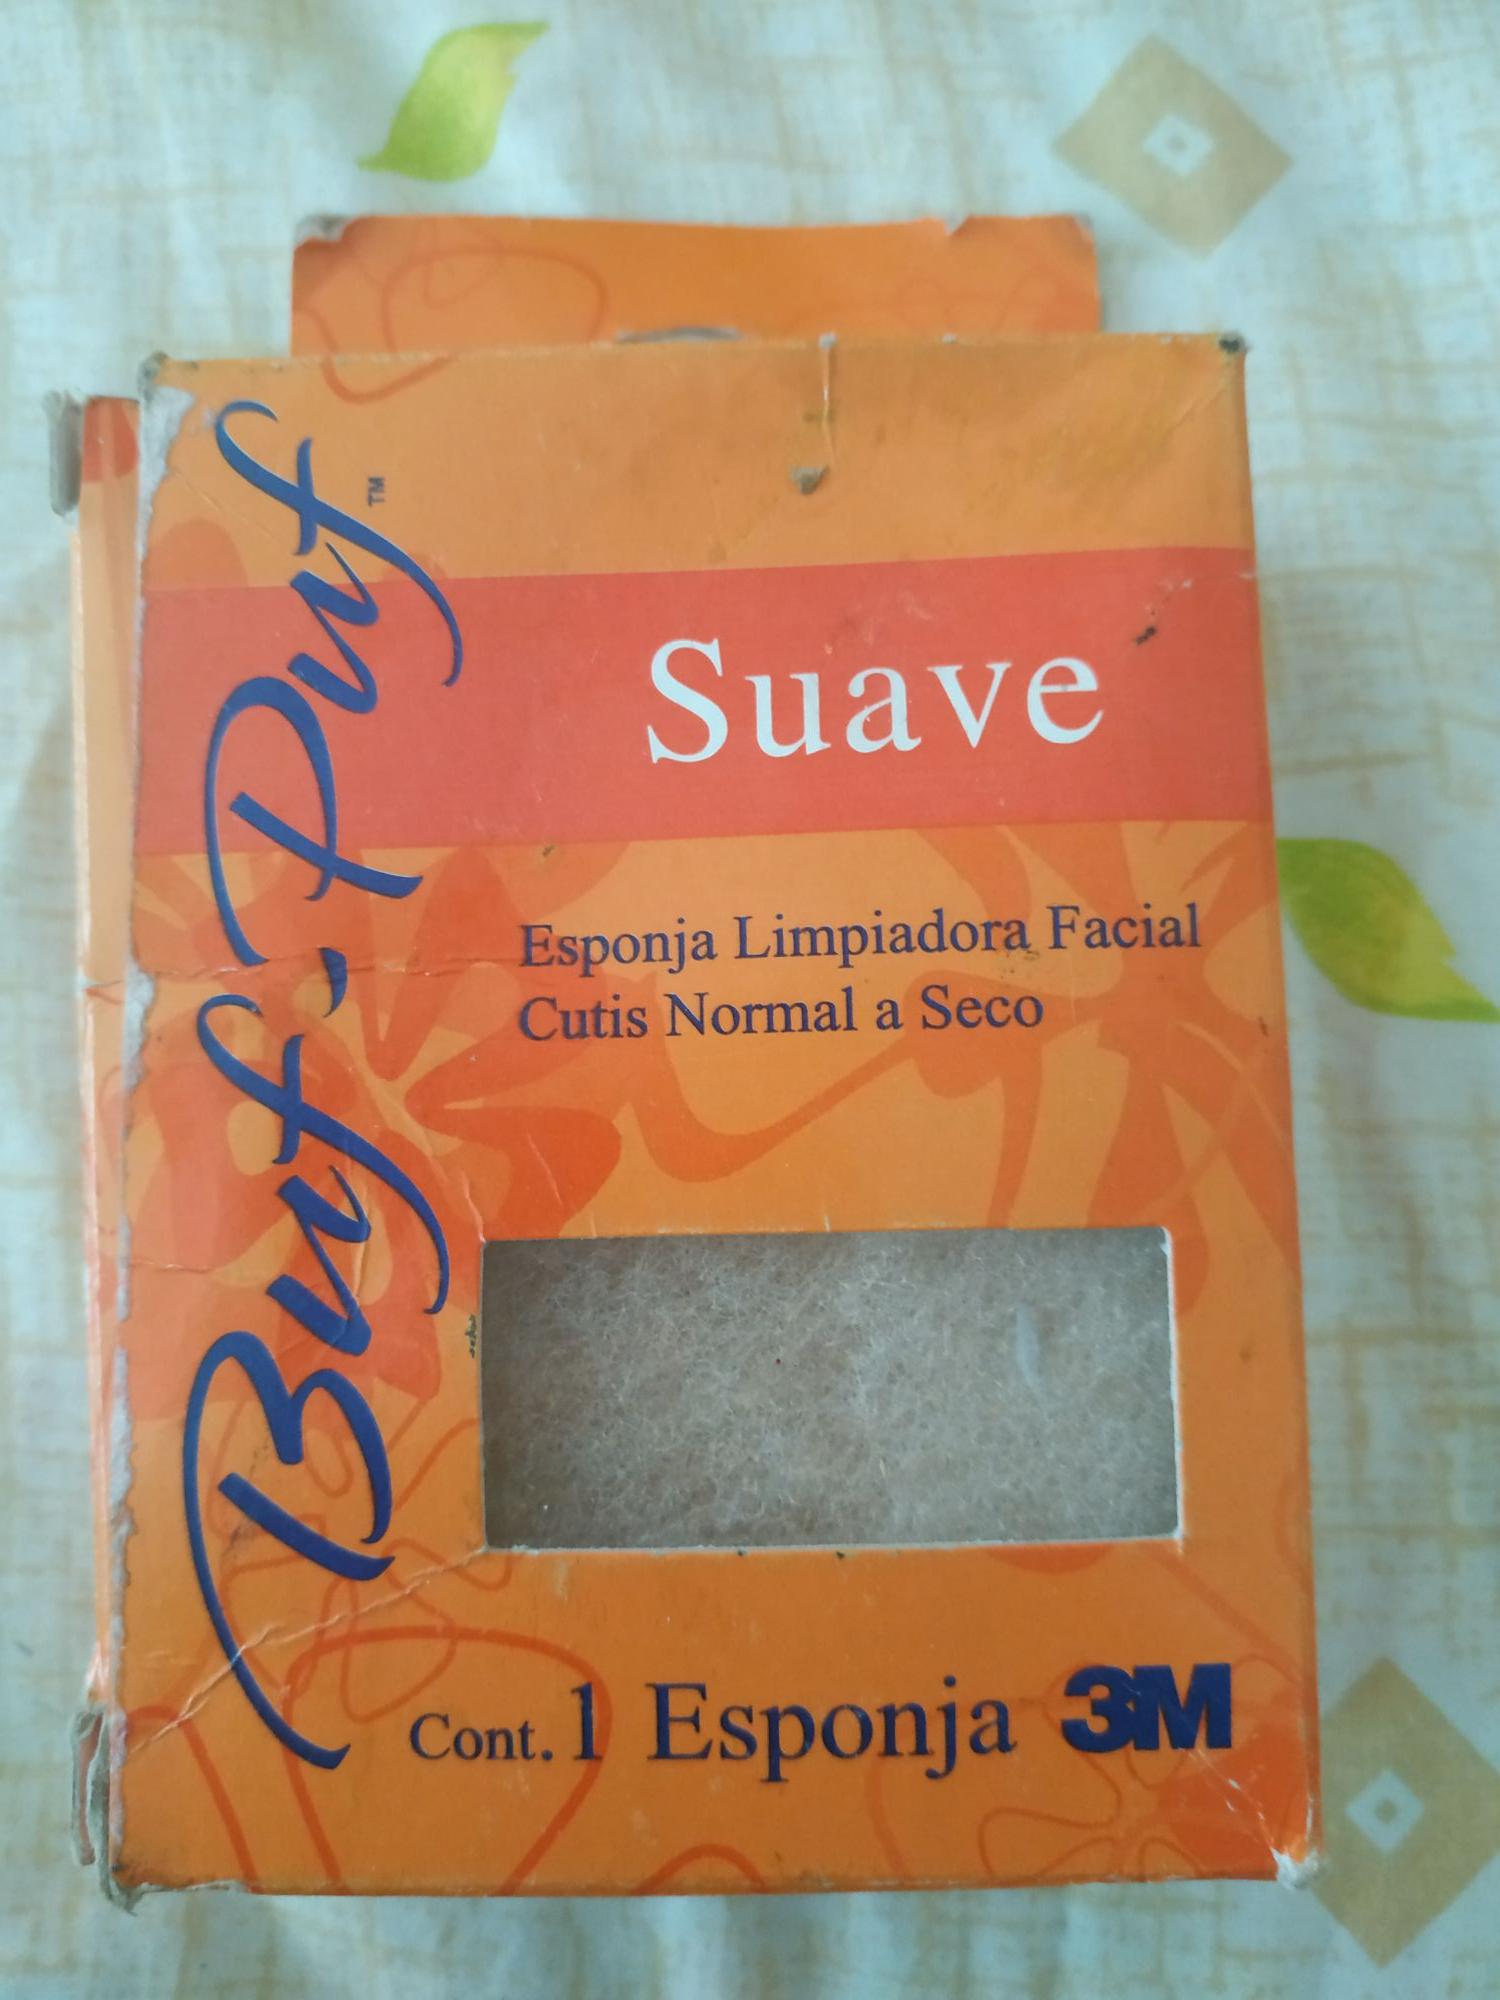 Soriana. Esponja Limpiadora Facial $3.20